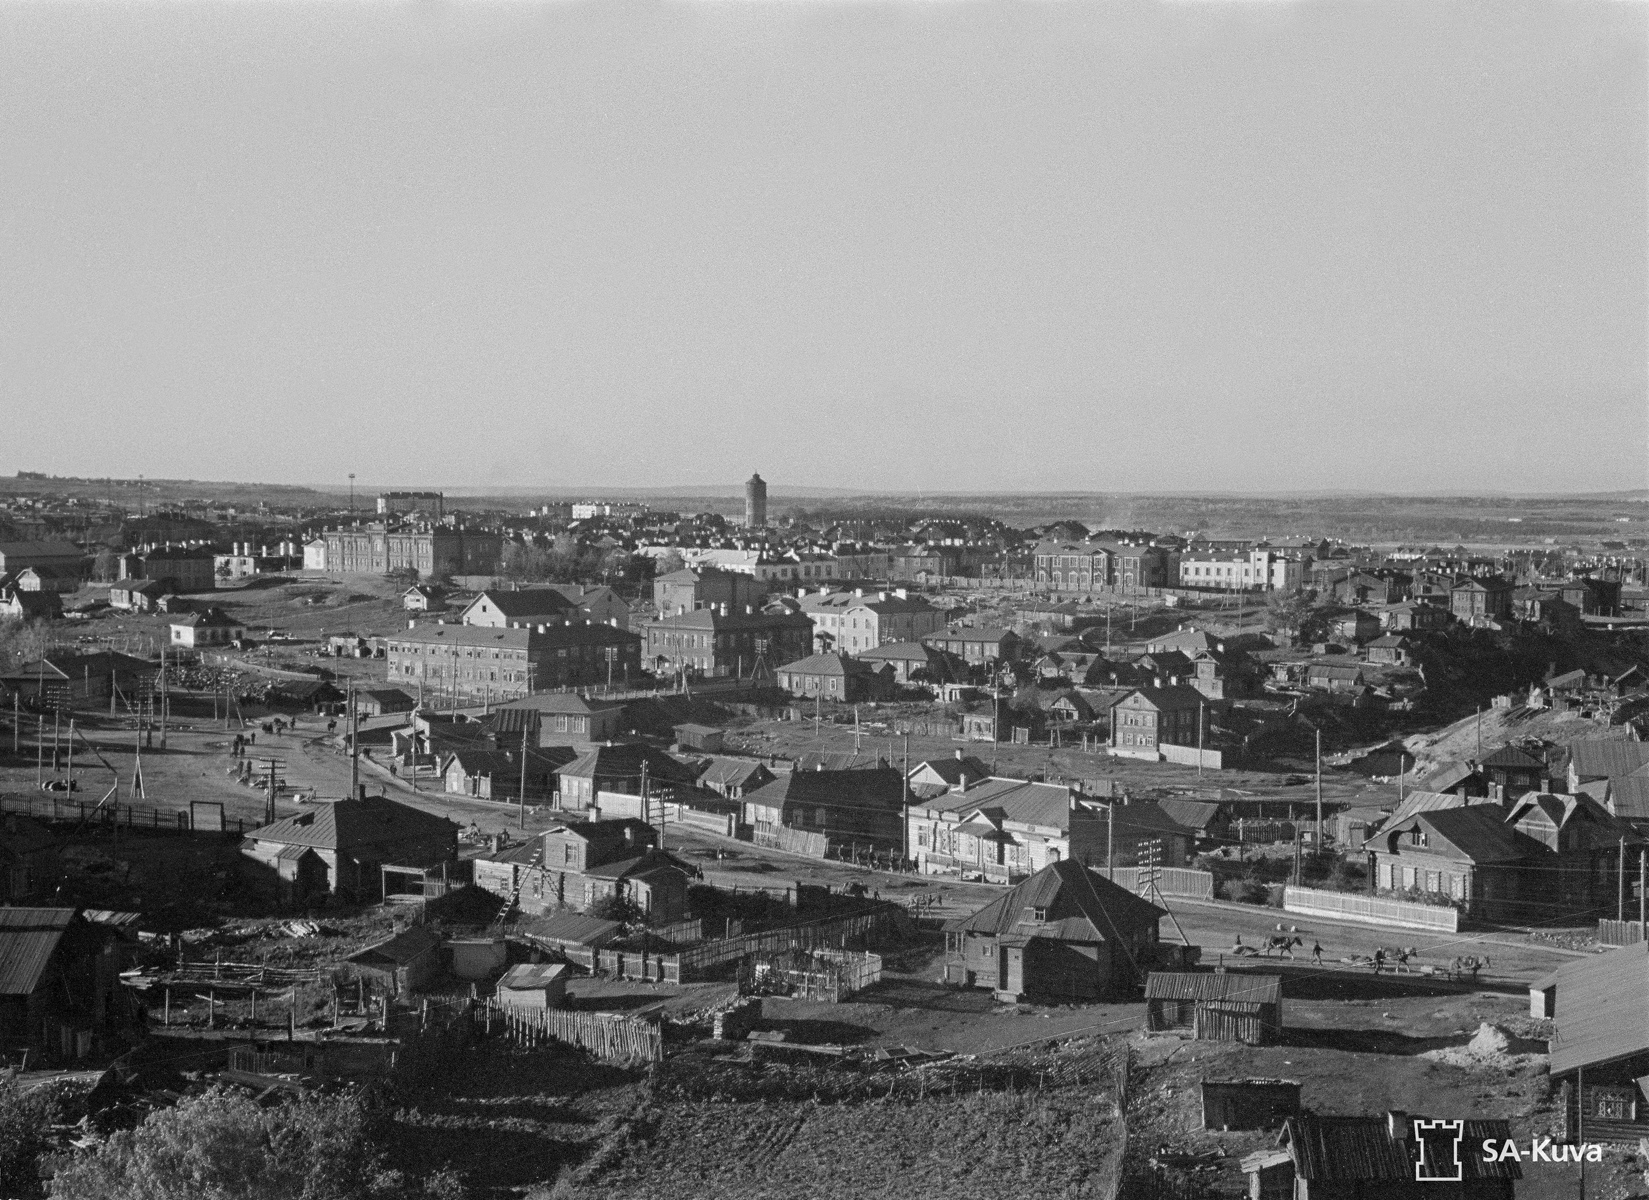 1 октября 1941 года. Петрозаводск. Здание учительской семинарии